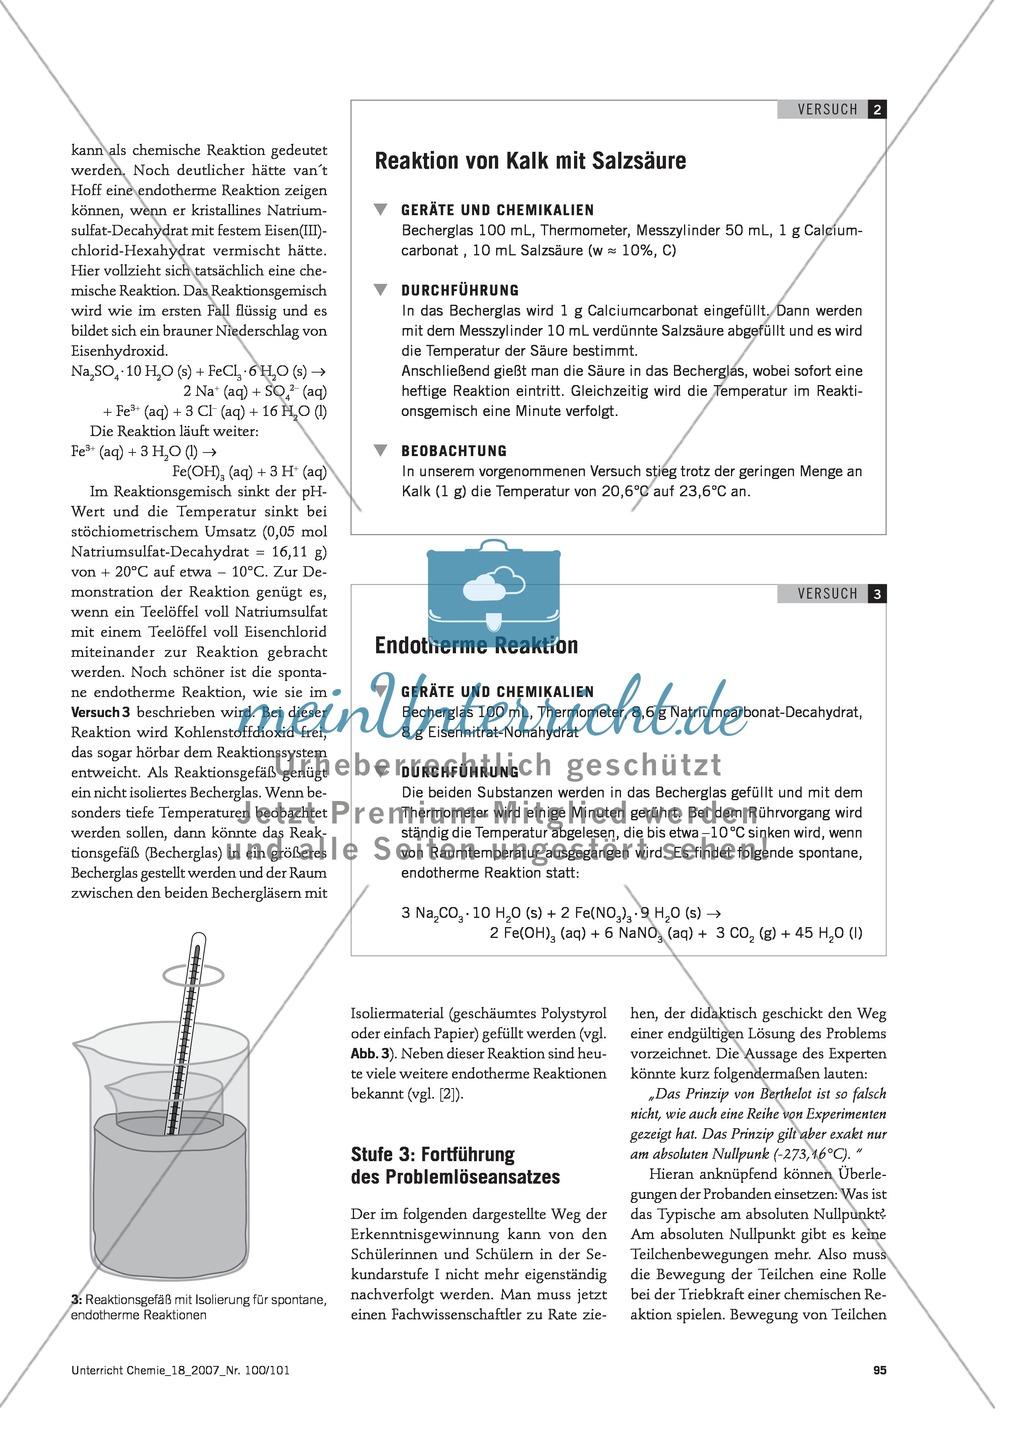 Energetische Betrachtung chemischer Reaktionen im  historisch-problemorientierten Unterrichtsverfahren Preview 3